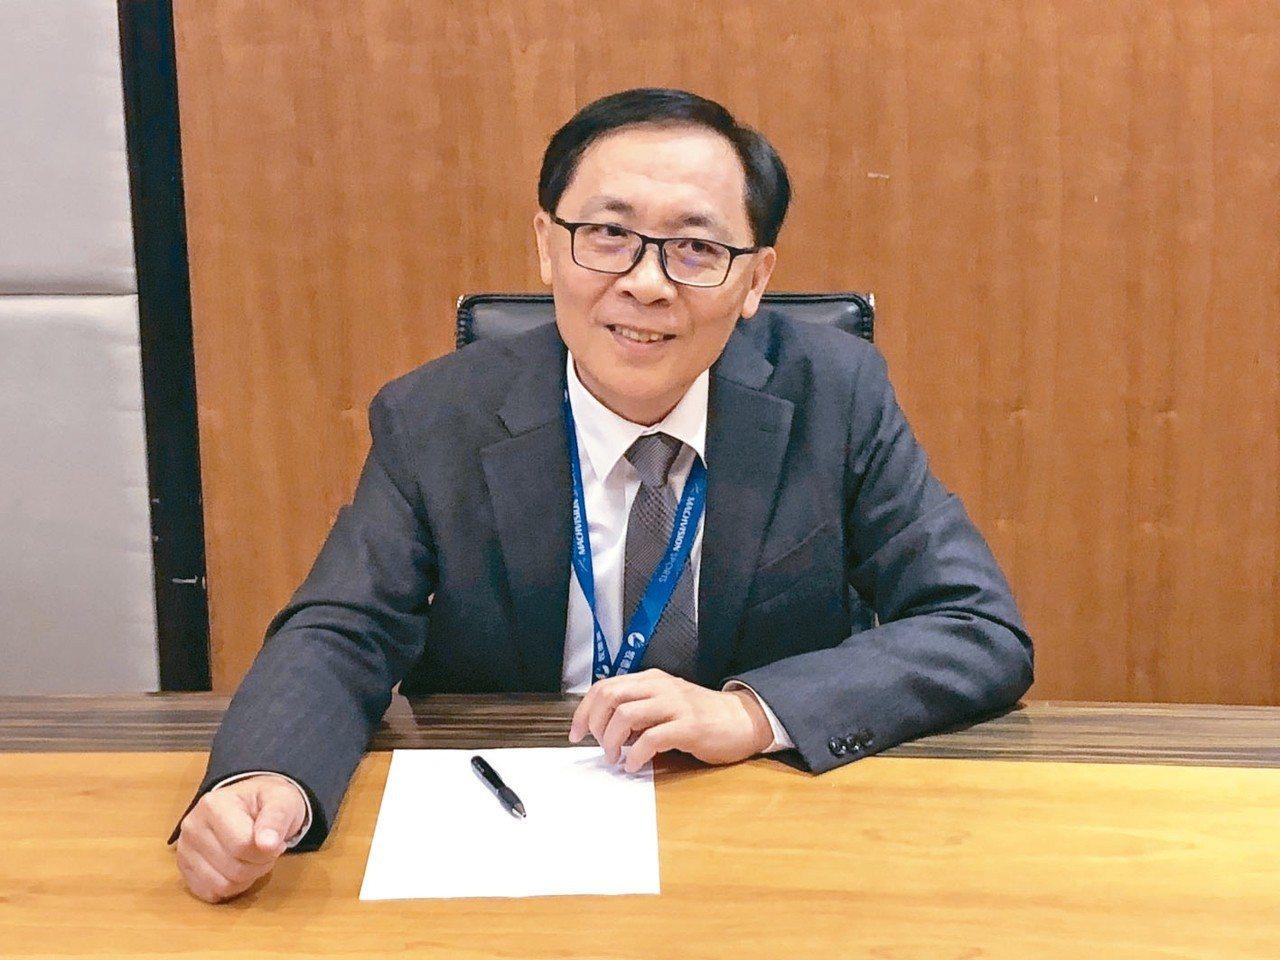 牧德董事長汪光夏。 記者吳凱中/攝影